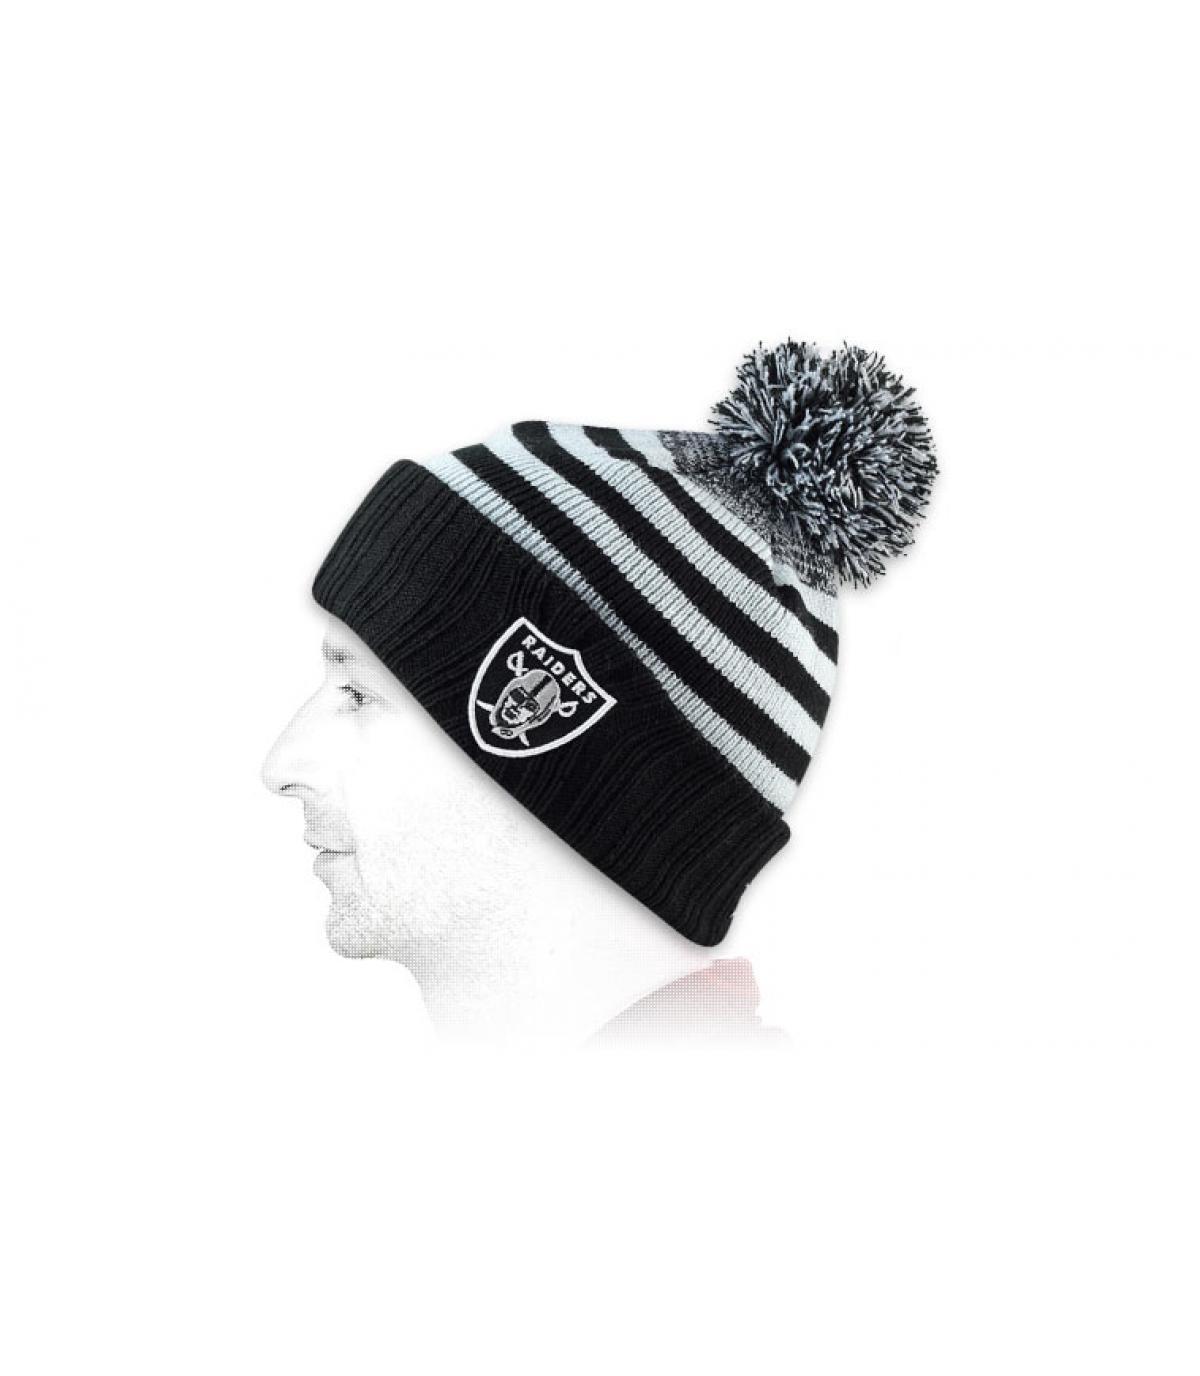 Détails Bonnet Raiders Snowfall stripe 2 - image 2